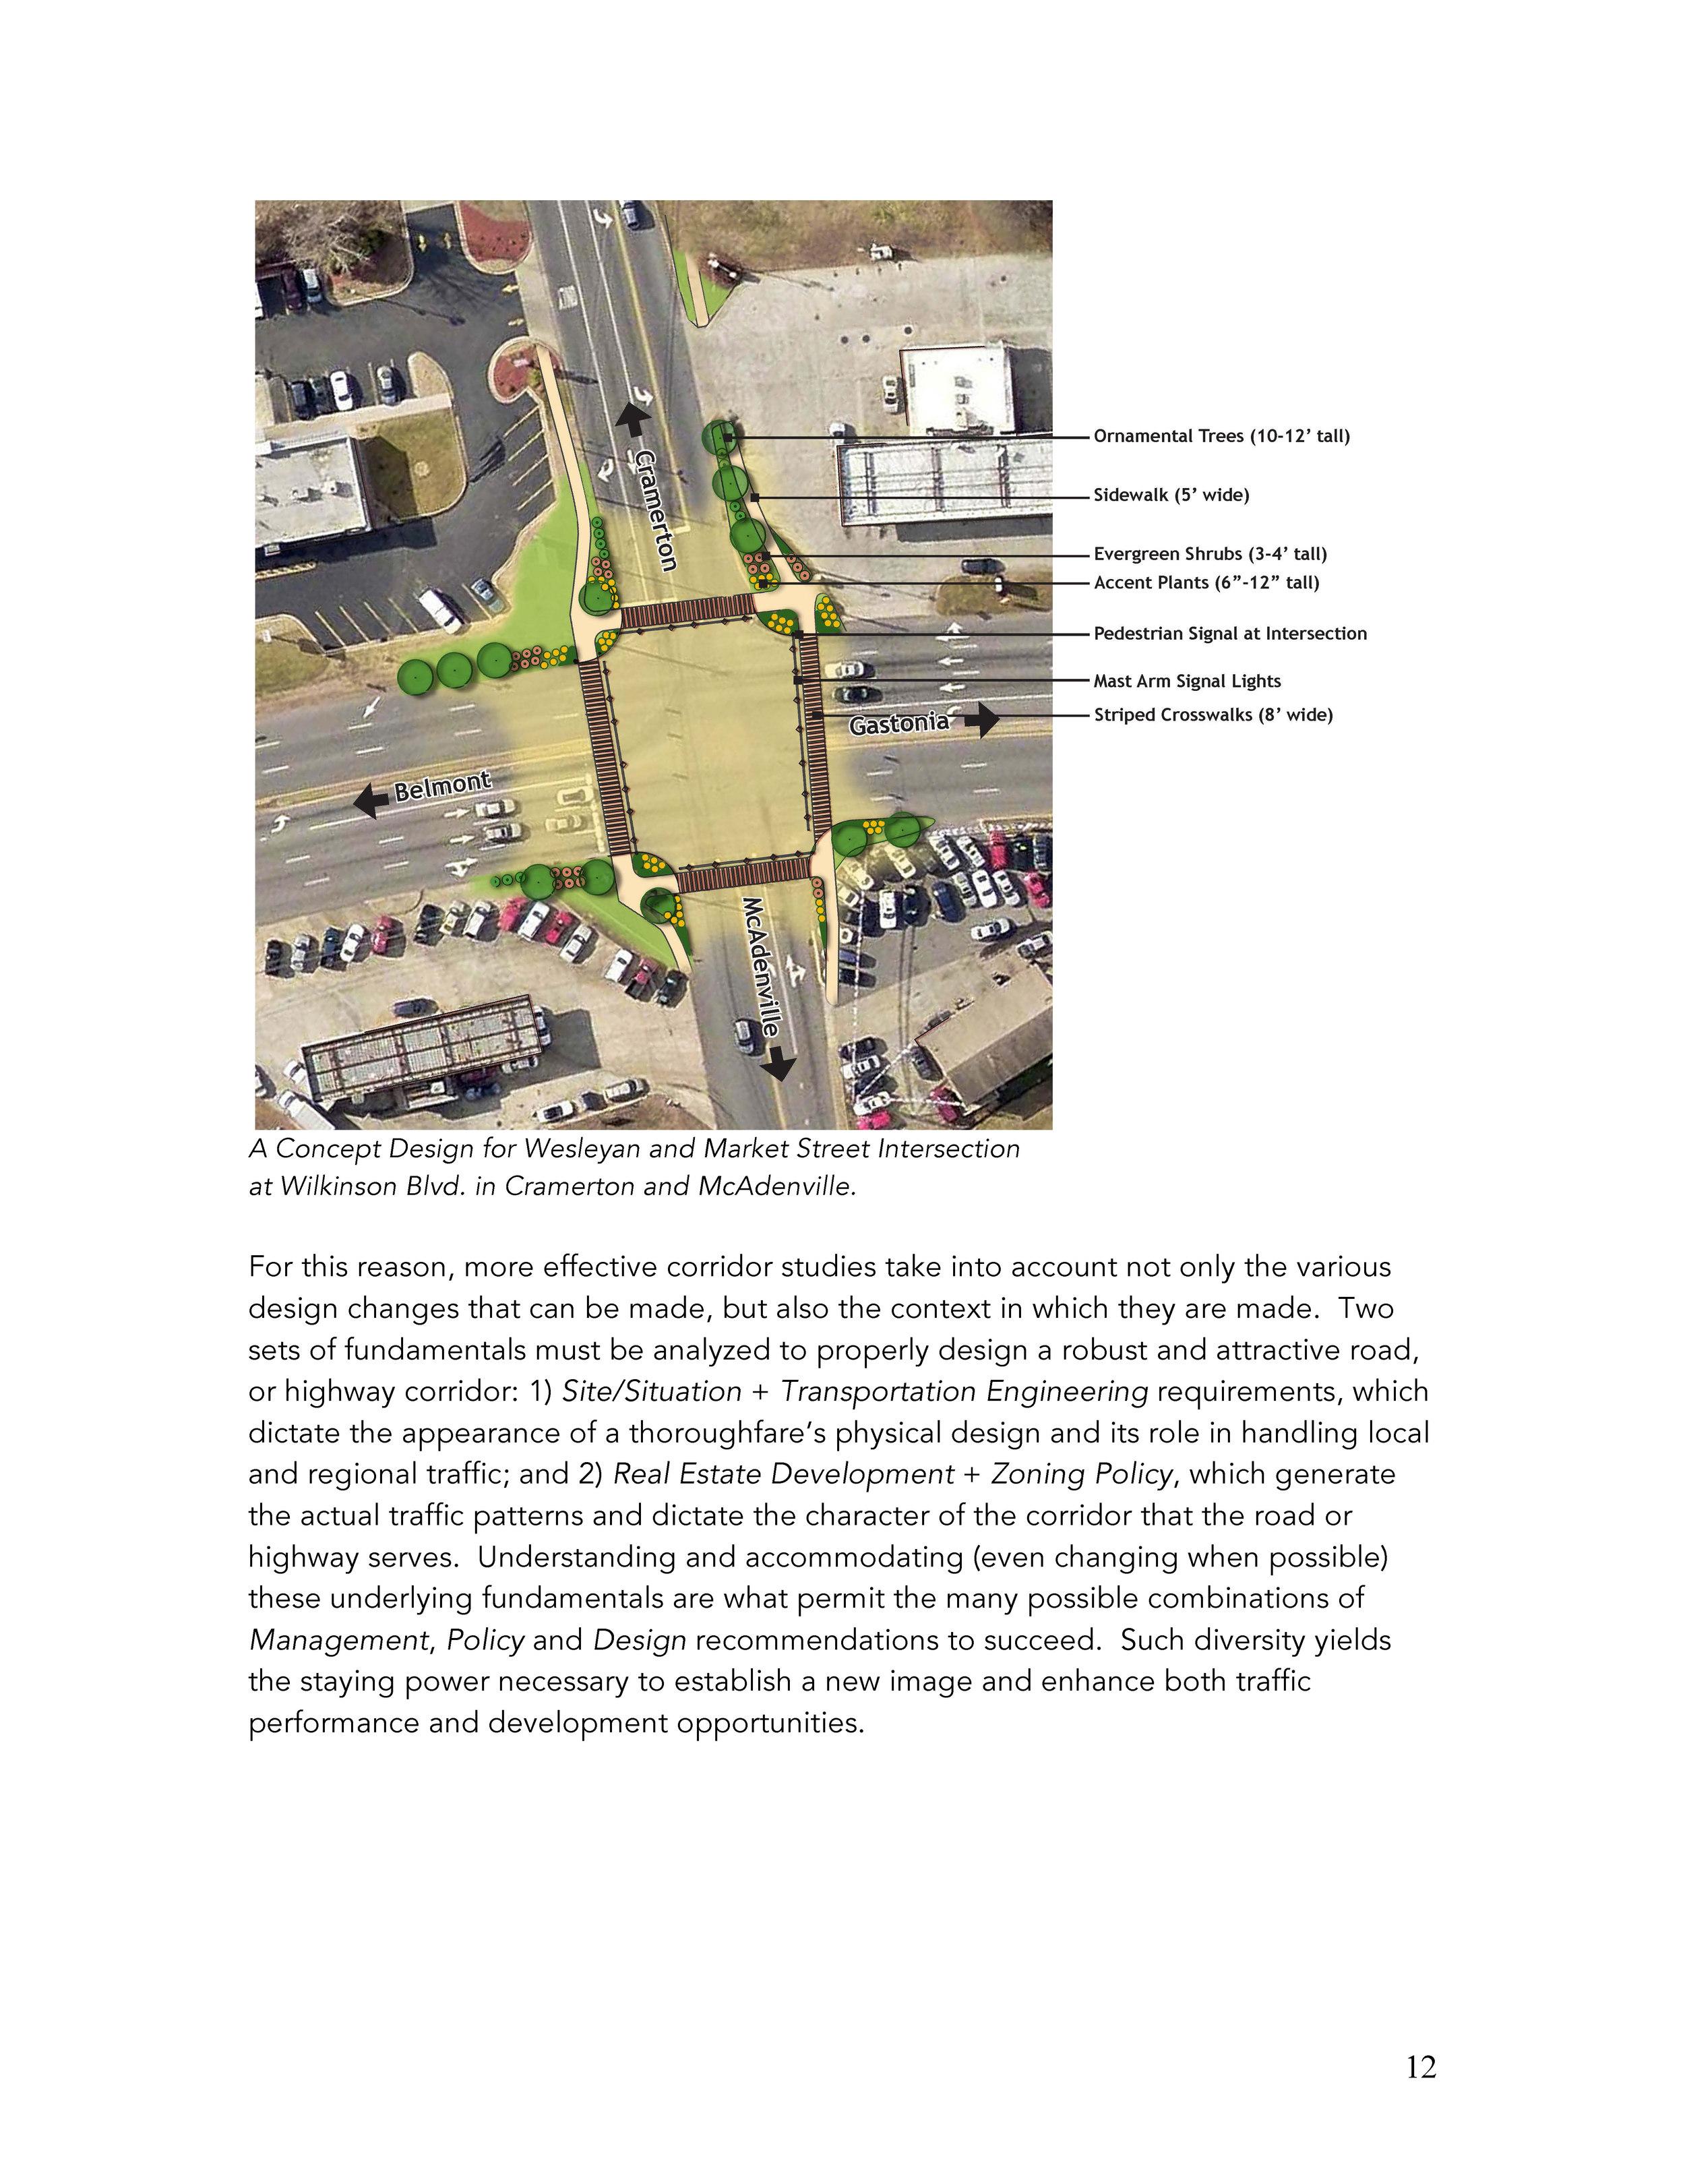 1 WilkinsonBlvd Draft Report 1-22-15 RH_Peter Edit_Page_12.jpg